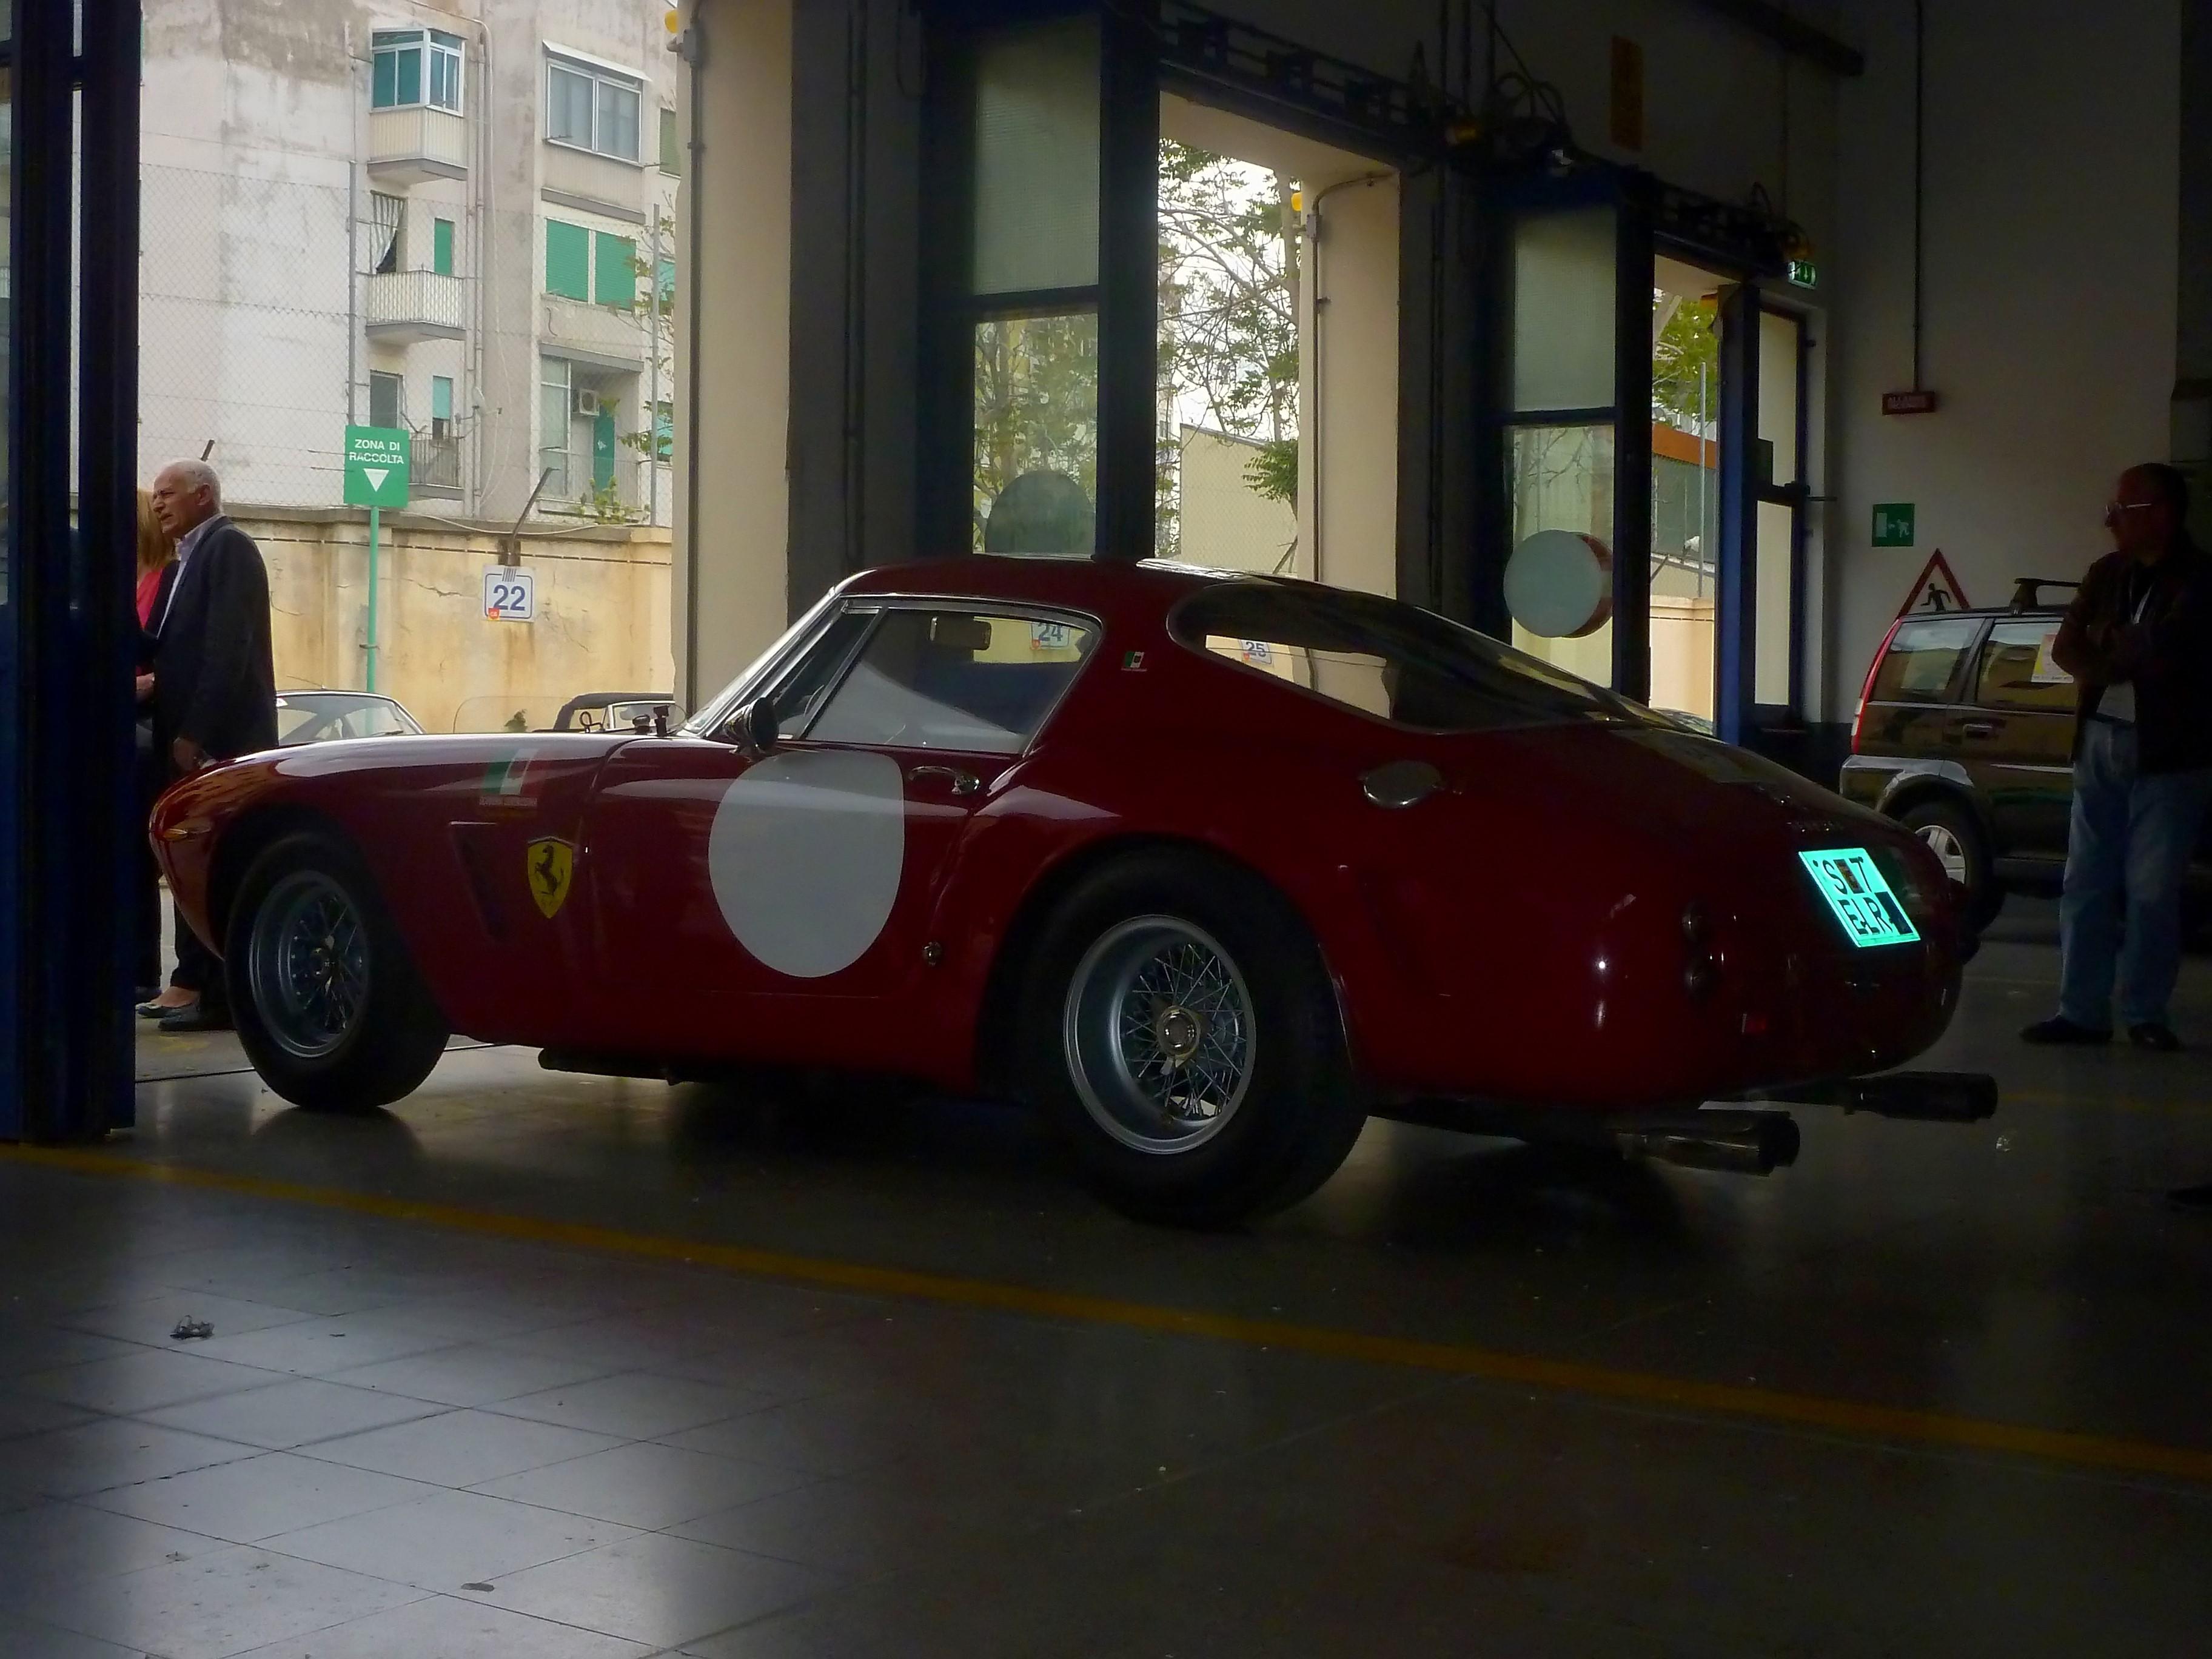 1961 Ferrari 250 GT SWB #2701 (87)_filtered